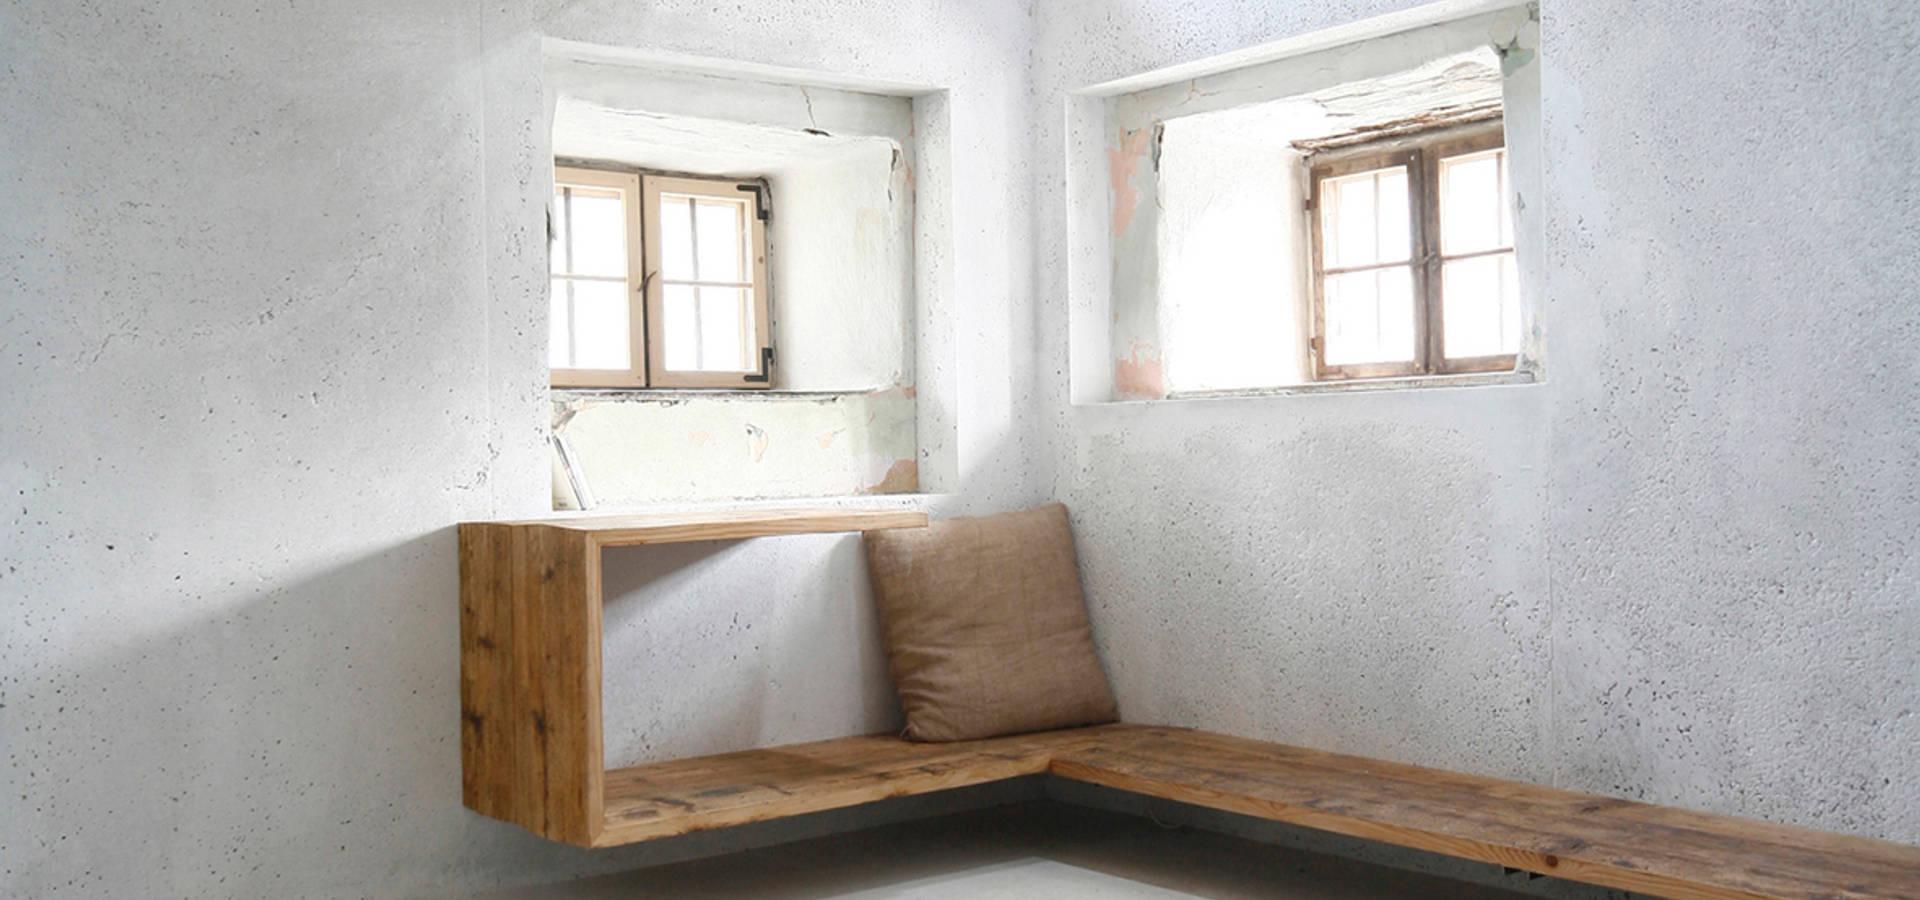 Haimerl Architektur penzkoferhaus by haimerl architektur homify